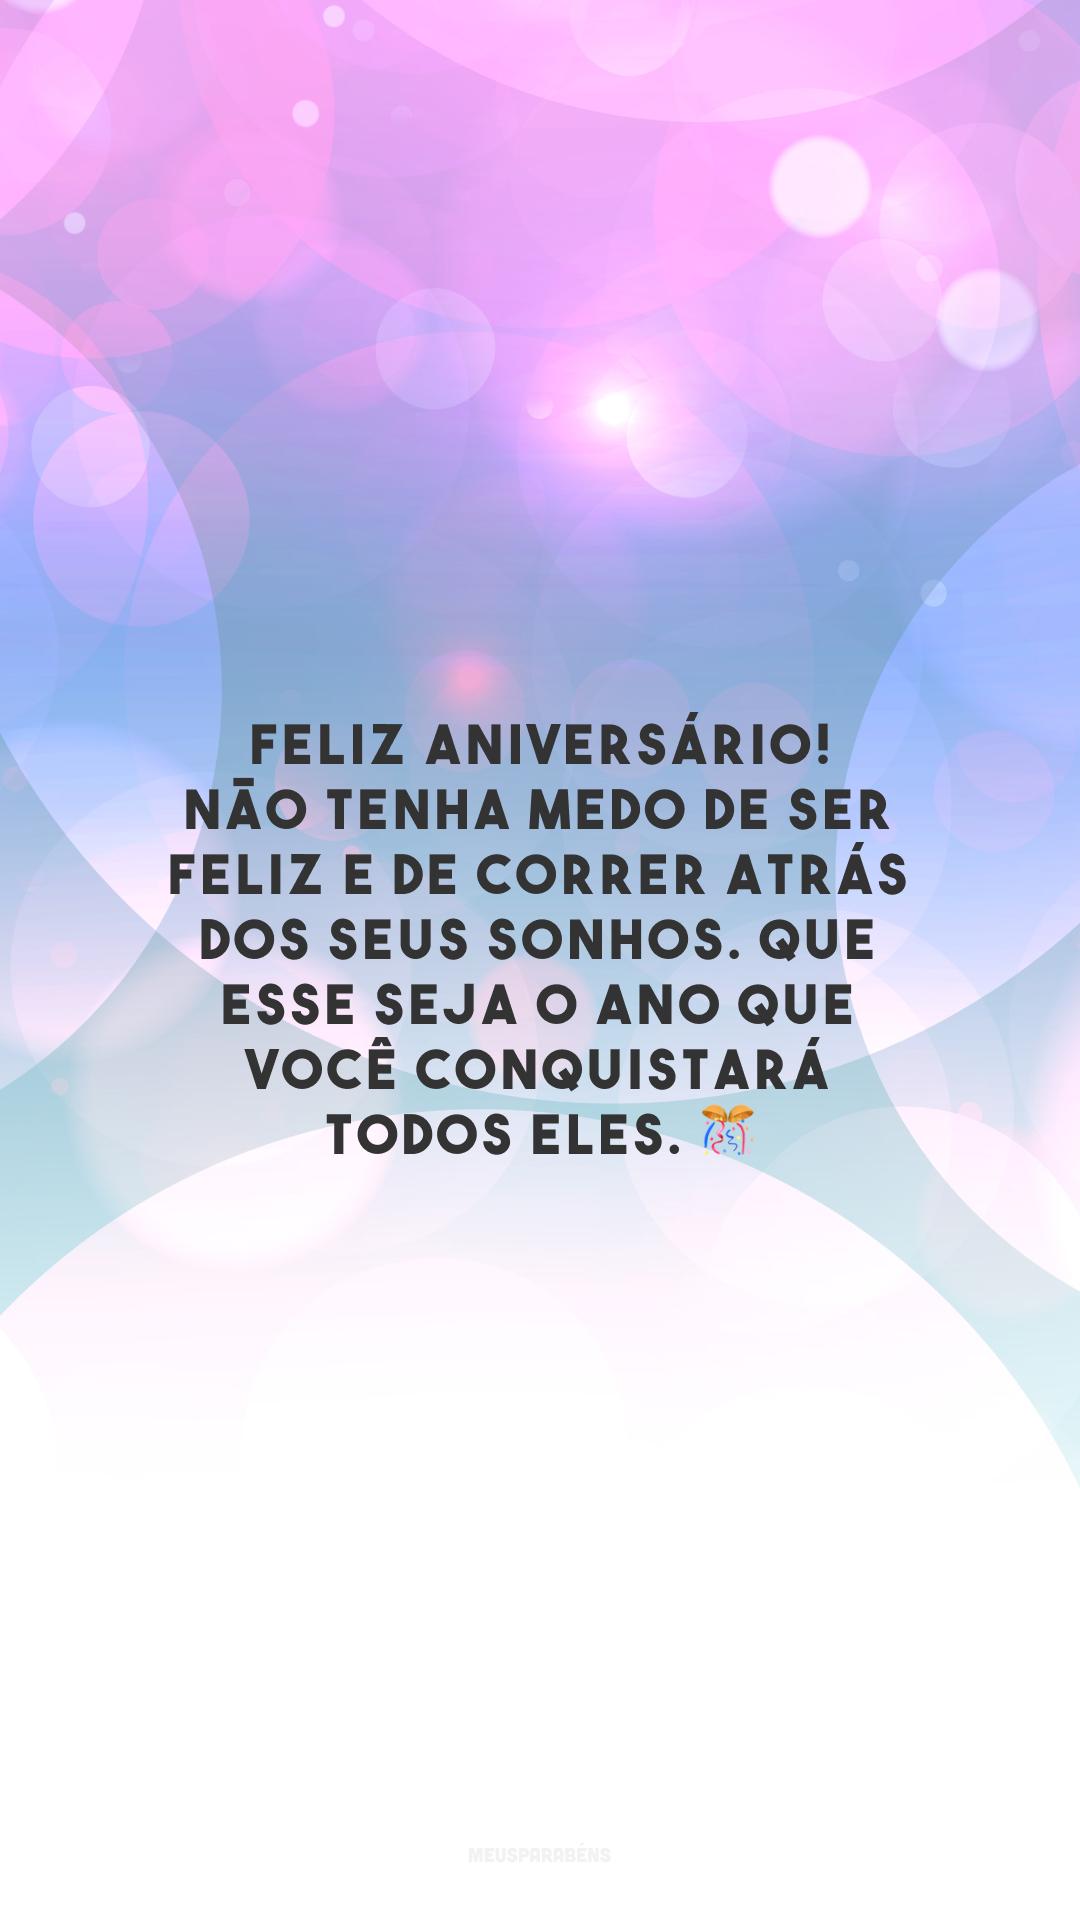 Feliz aniversário! Não tenha medo de ser feliz e de correr atrás dos seus sonhos. Que esse seja o ano que você conquistará todos eles. 🎊